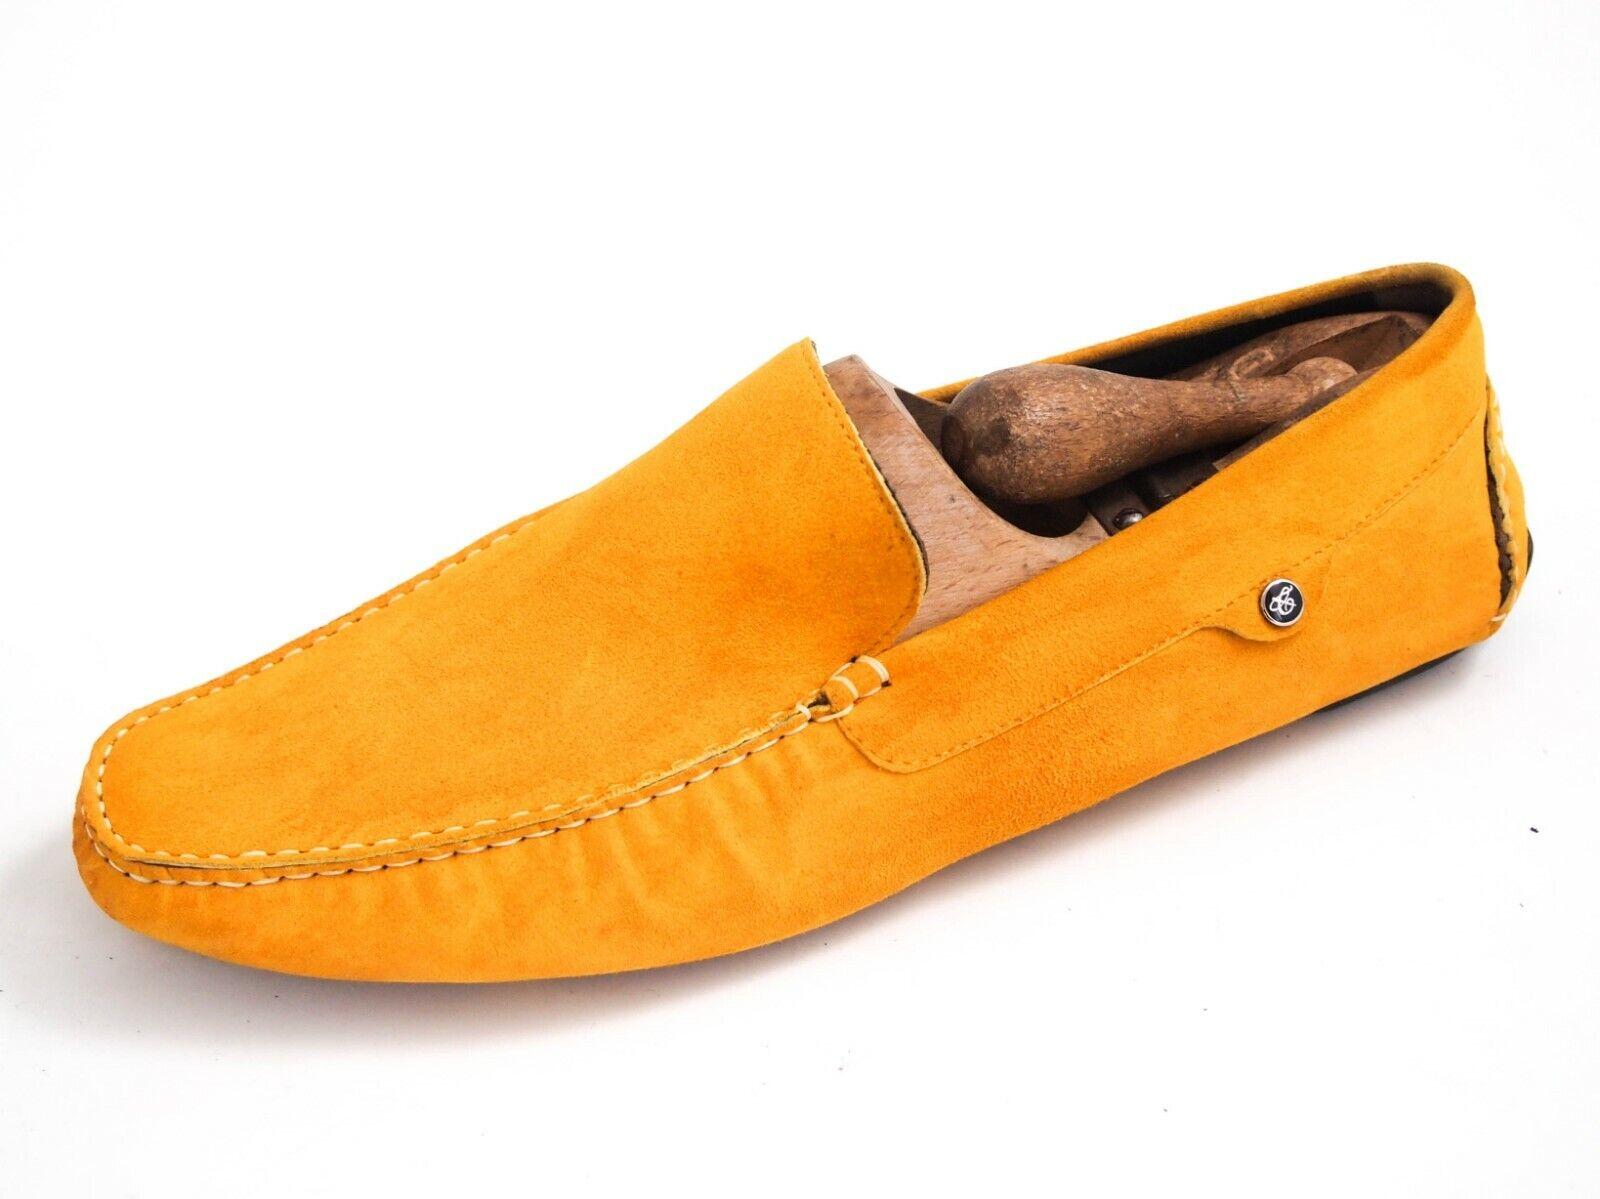 Canali Conducción Mocasines De Gamuza Amarillo Zapatos para hombre talla EU 41 nos 8  450